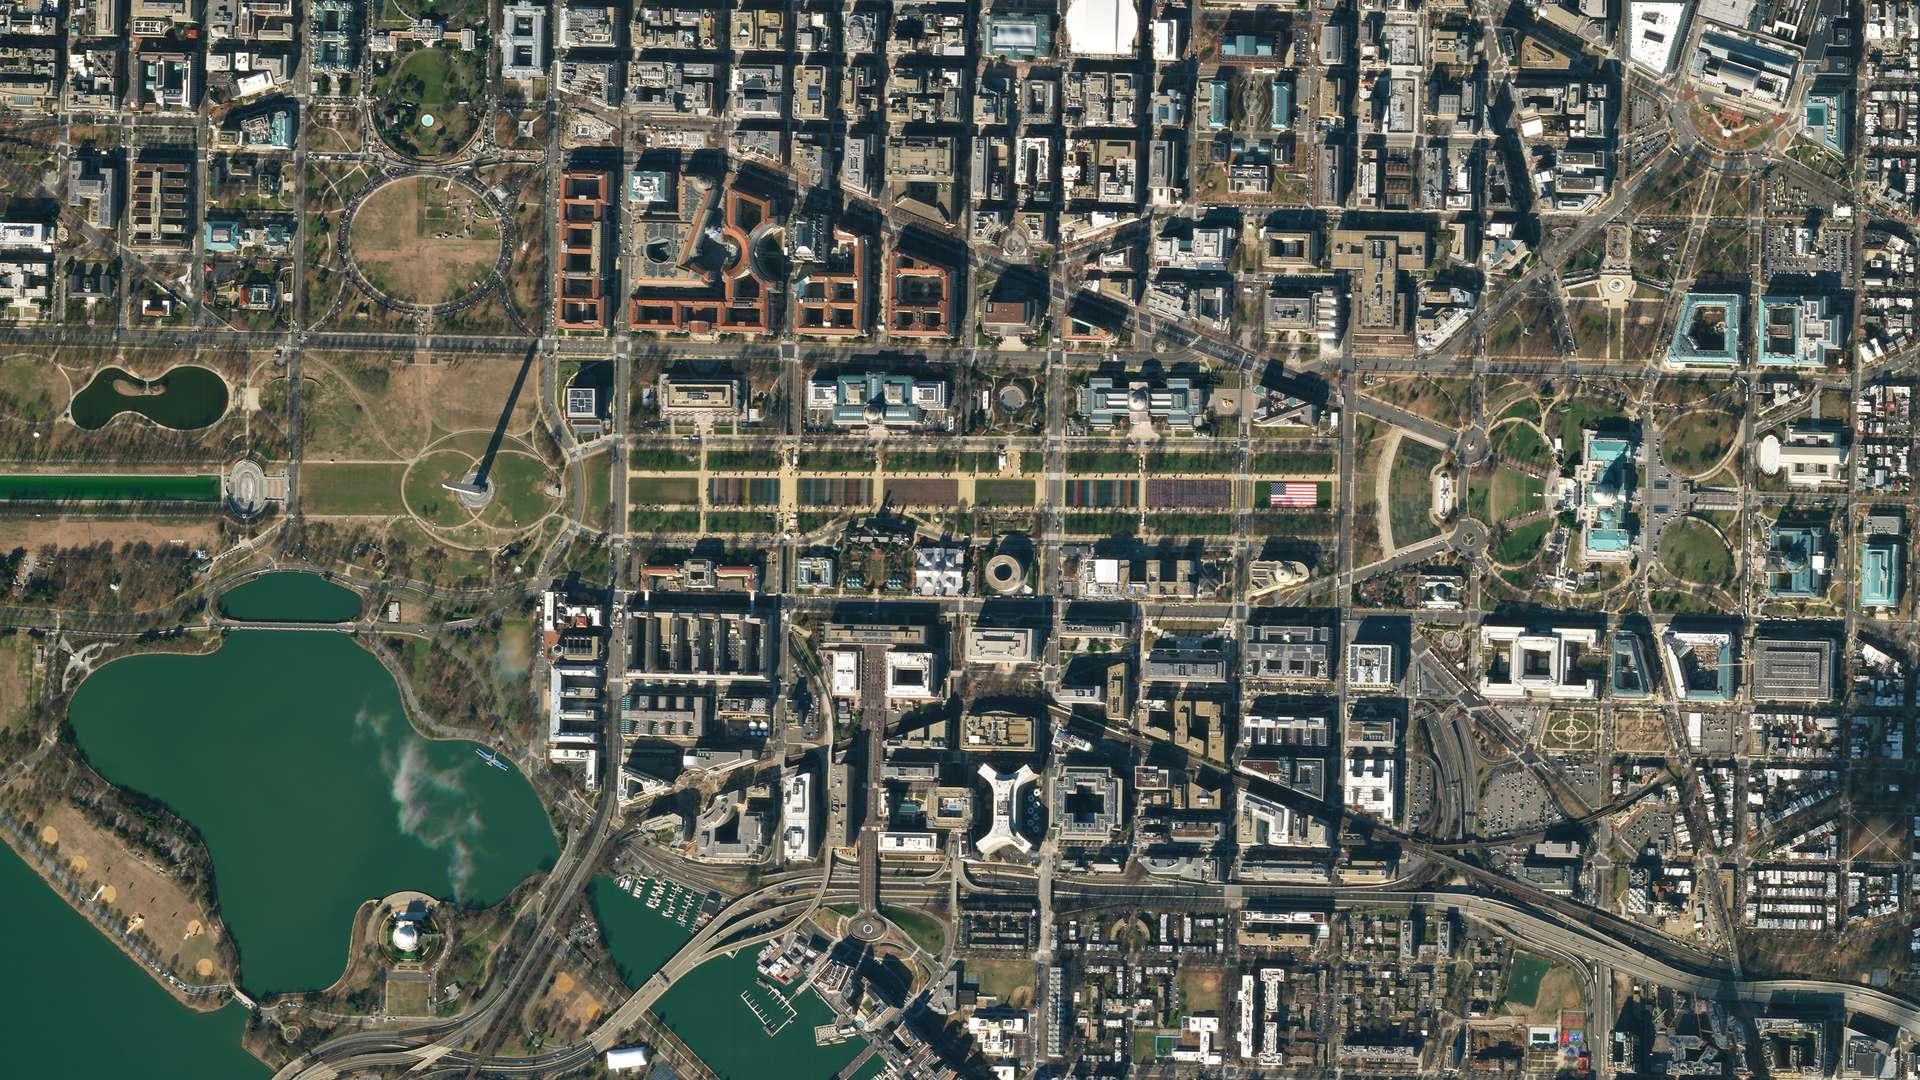 Vu depuis l'espace, le National Mall orné d'un « champ de drapeaux » pour la 59e cérémonie d'investiture présidentielle des États-Unis. © 2021 Planet Labs, Inc.